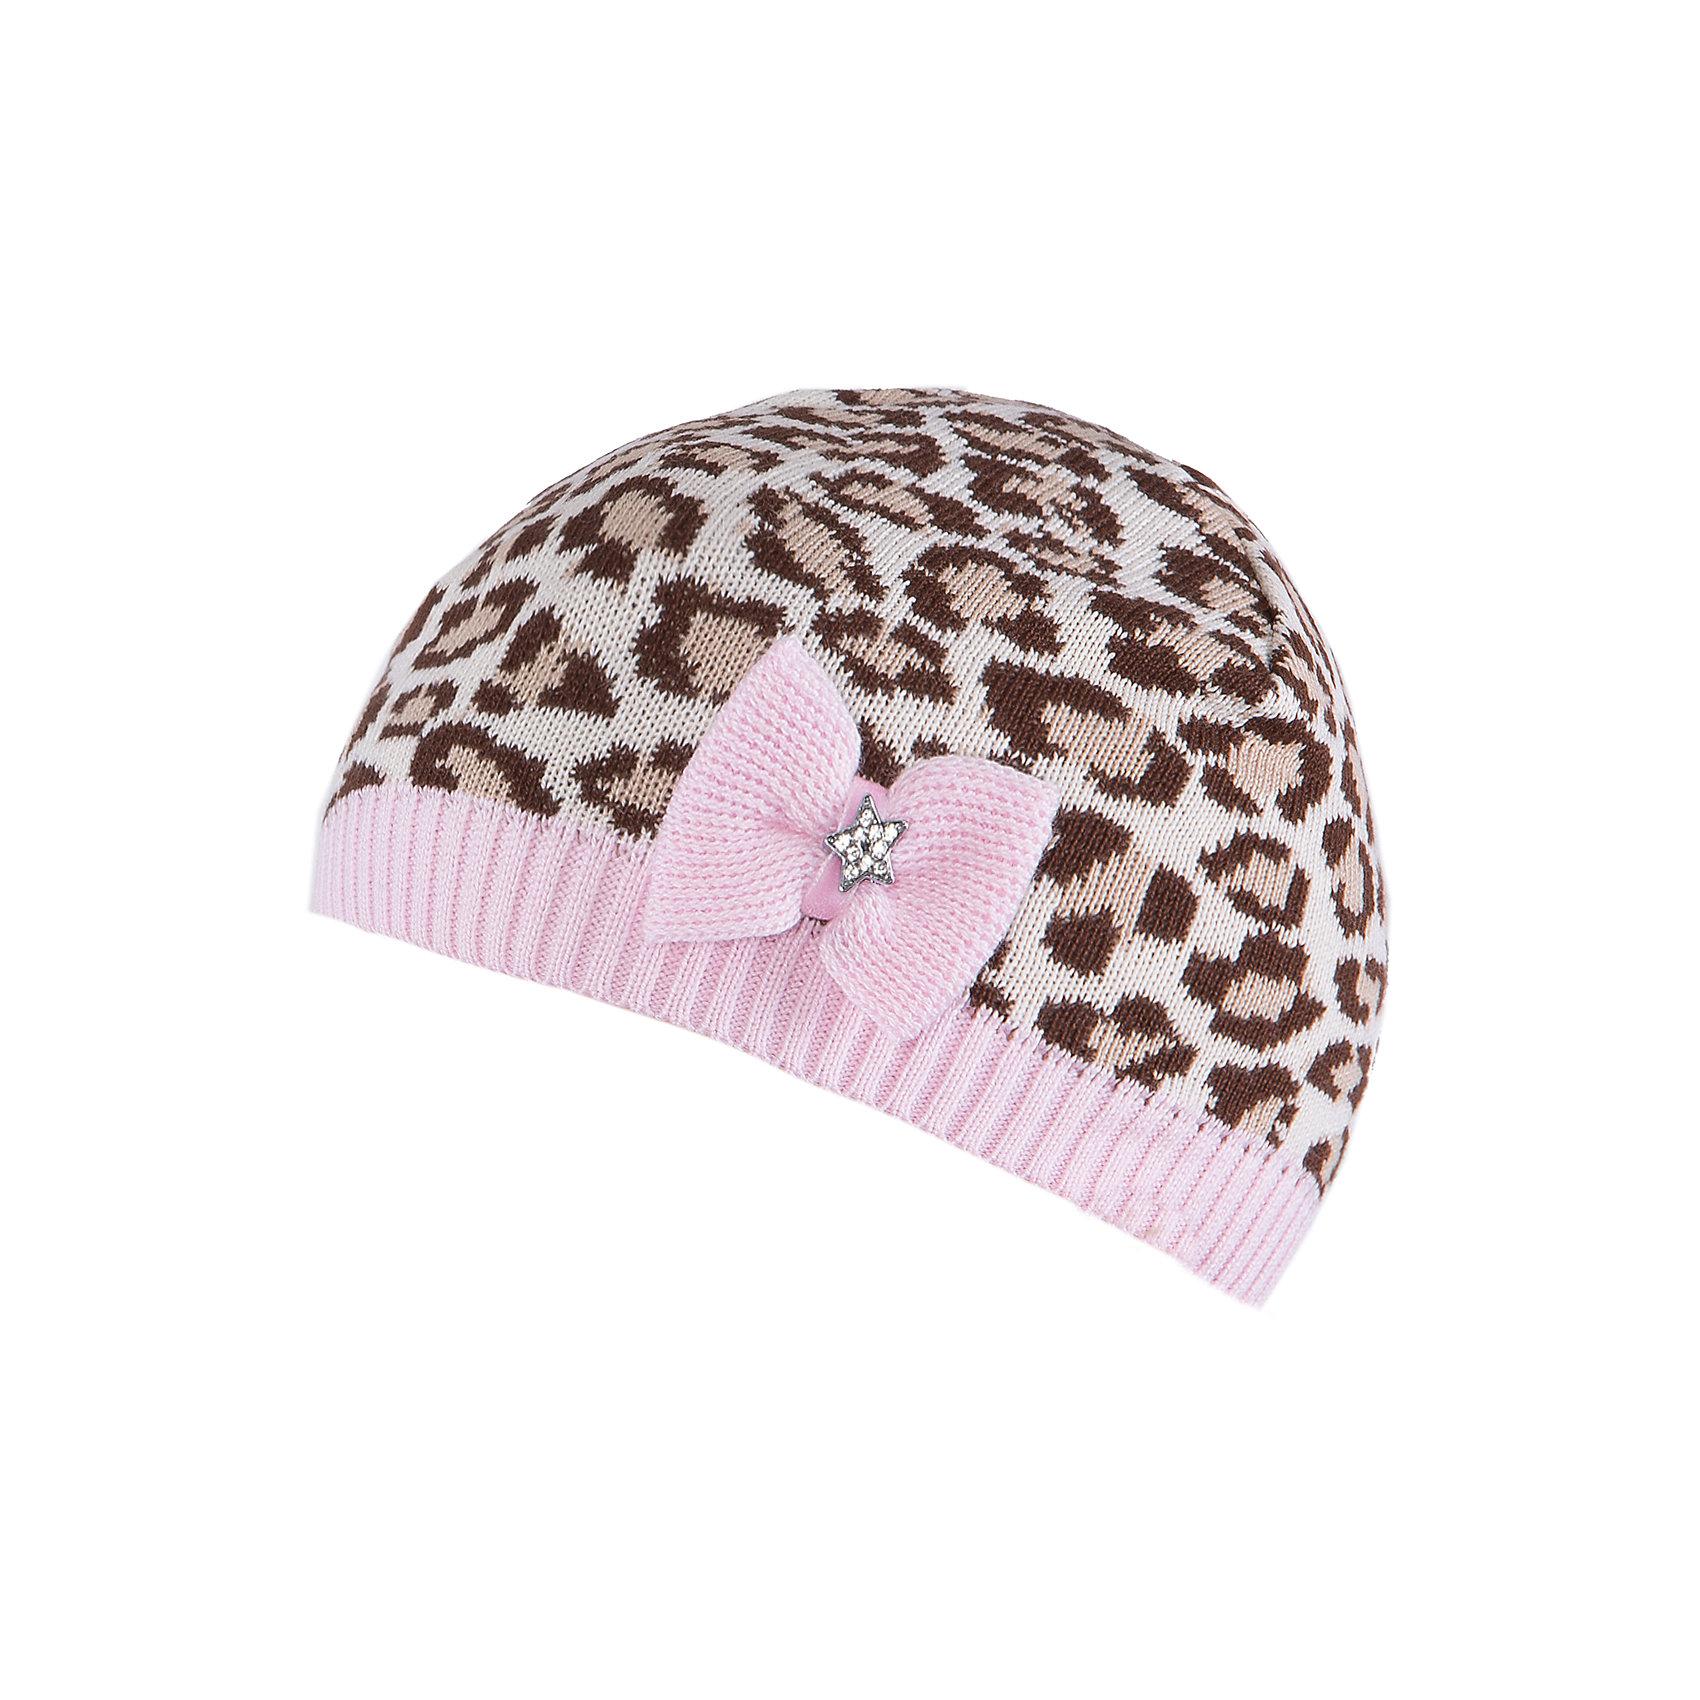 Шапка для девочки АртельШапка для девочки от торговой марки Артель <br><br>Оригинальная шапка с животным принтом отлично смотрится на детях и комфортно сидит. Эта модель создана специально для девочек. Изделие выполнено из качественных материалов.<br>Одежда от бренда Артель – это высокое качество по приемлемой цене и всегда продуманный дизайн. <br><br>Особенности модели: <br>- цвет — розовый; <br>- украшена бантиком и стразами; <br>- натуральный хлопок с добавкой пана. <br><br>Дополнительная информация: <br><br>Состав: 50% хлопок, 50% пан.<br><br>Температурный режим: <br>От -5 °C до +15 °C <br><br>Шапку для девочки Артель (Artel) можно купить в нашем магазине.<br><br>Ширина мм: 89<br>Глубина мм: 117<br>Высота мм: 44<br>Вес г: 155<br>Цвет: розовый<br>Возраст от месяцев: 36<br>Возраст до месяцев: 48<br>Пол: Женский<br>Возраст: Детский<br>Размер: 50,48,52,54<br>SKU: 4500728